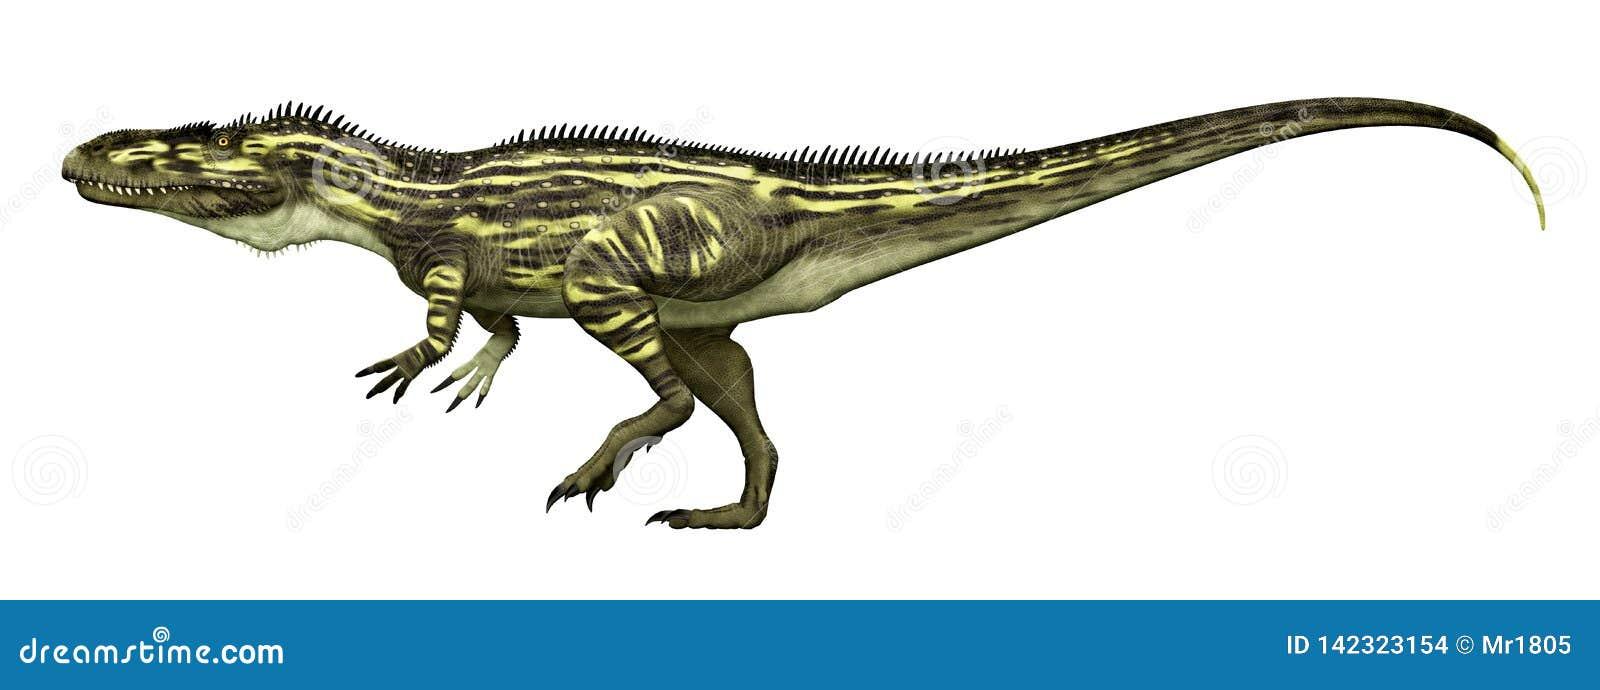 Dinosaur Torvosaurus isolated on white background